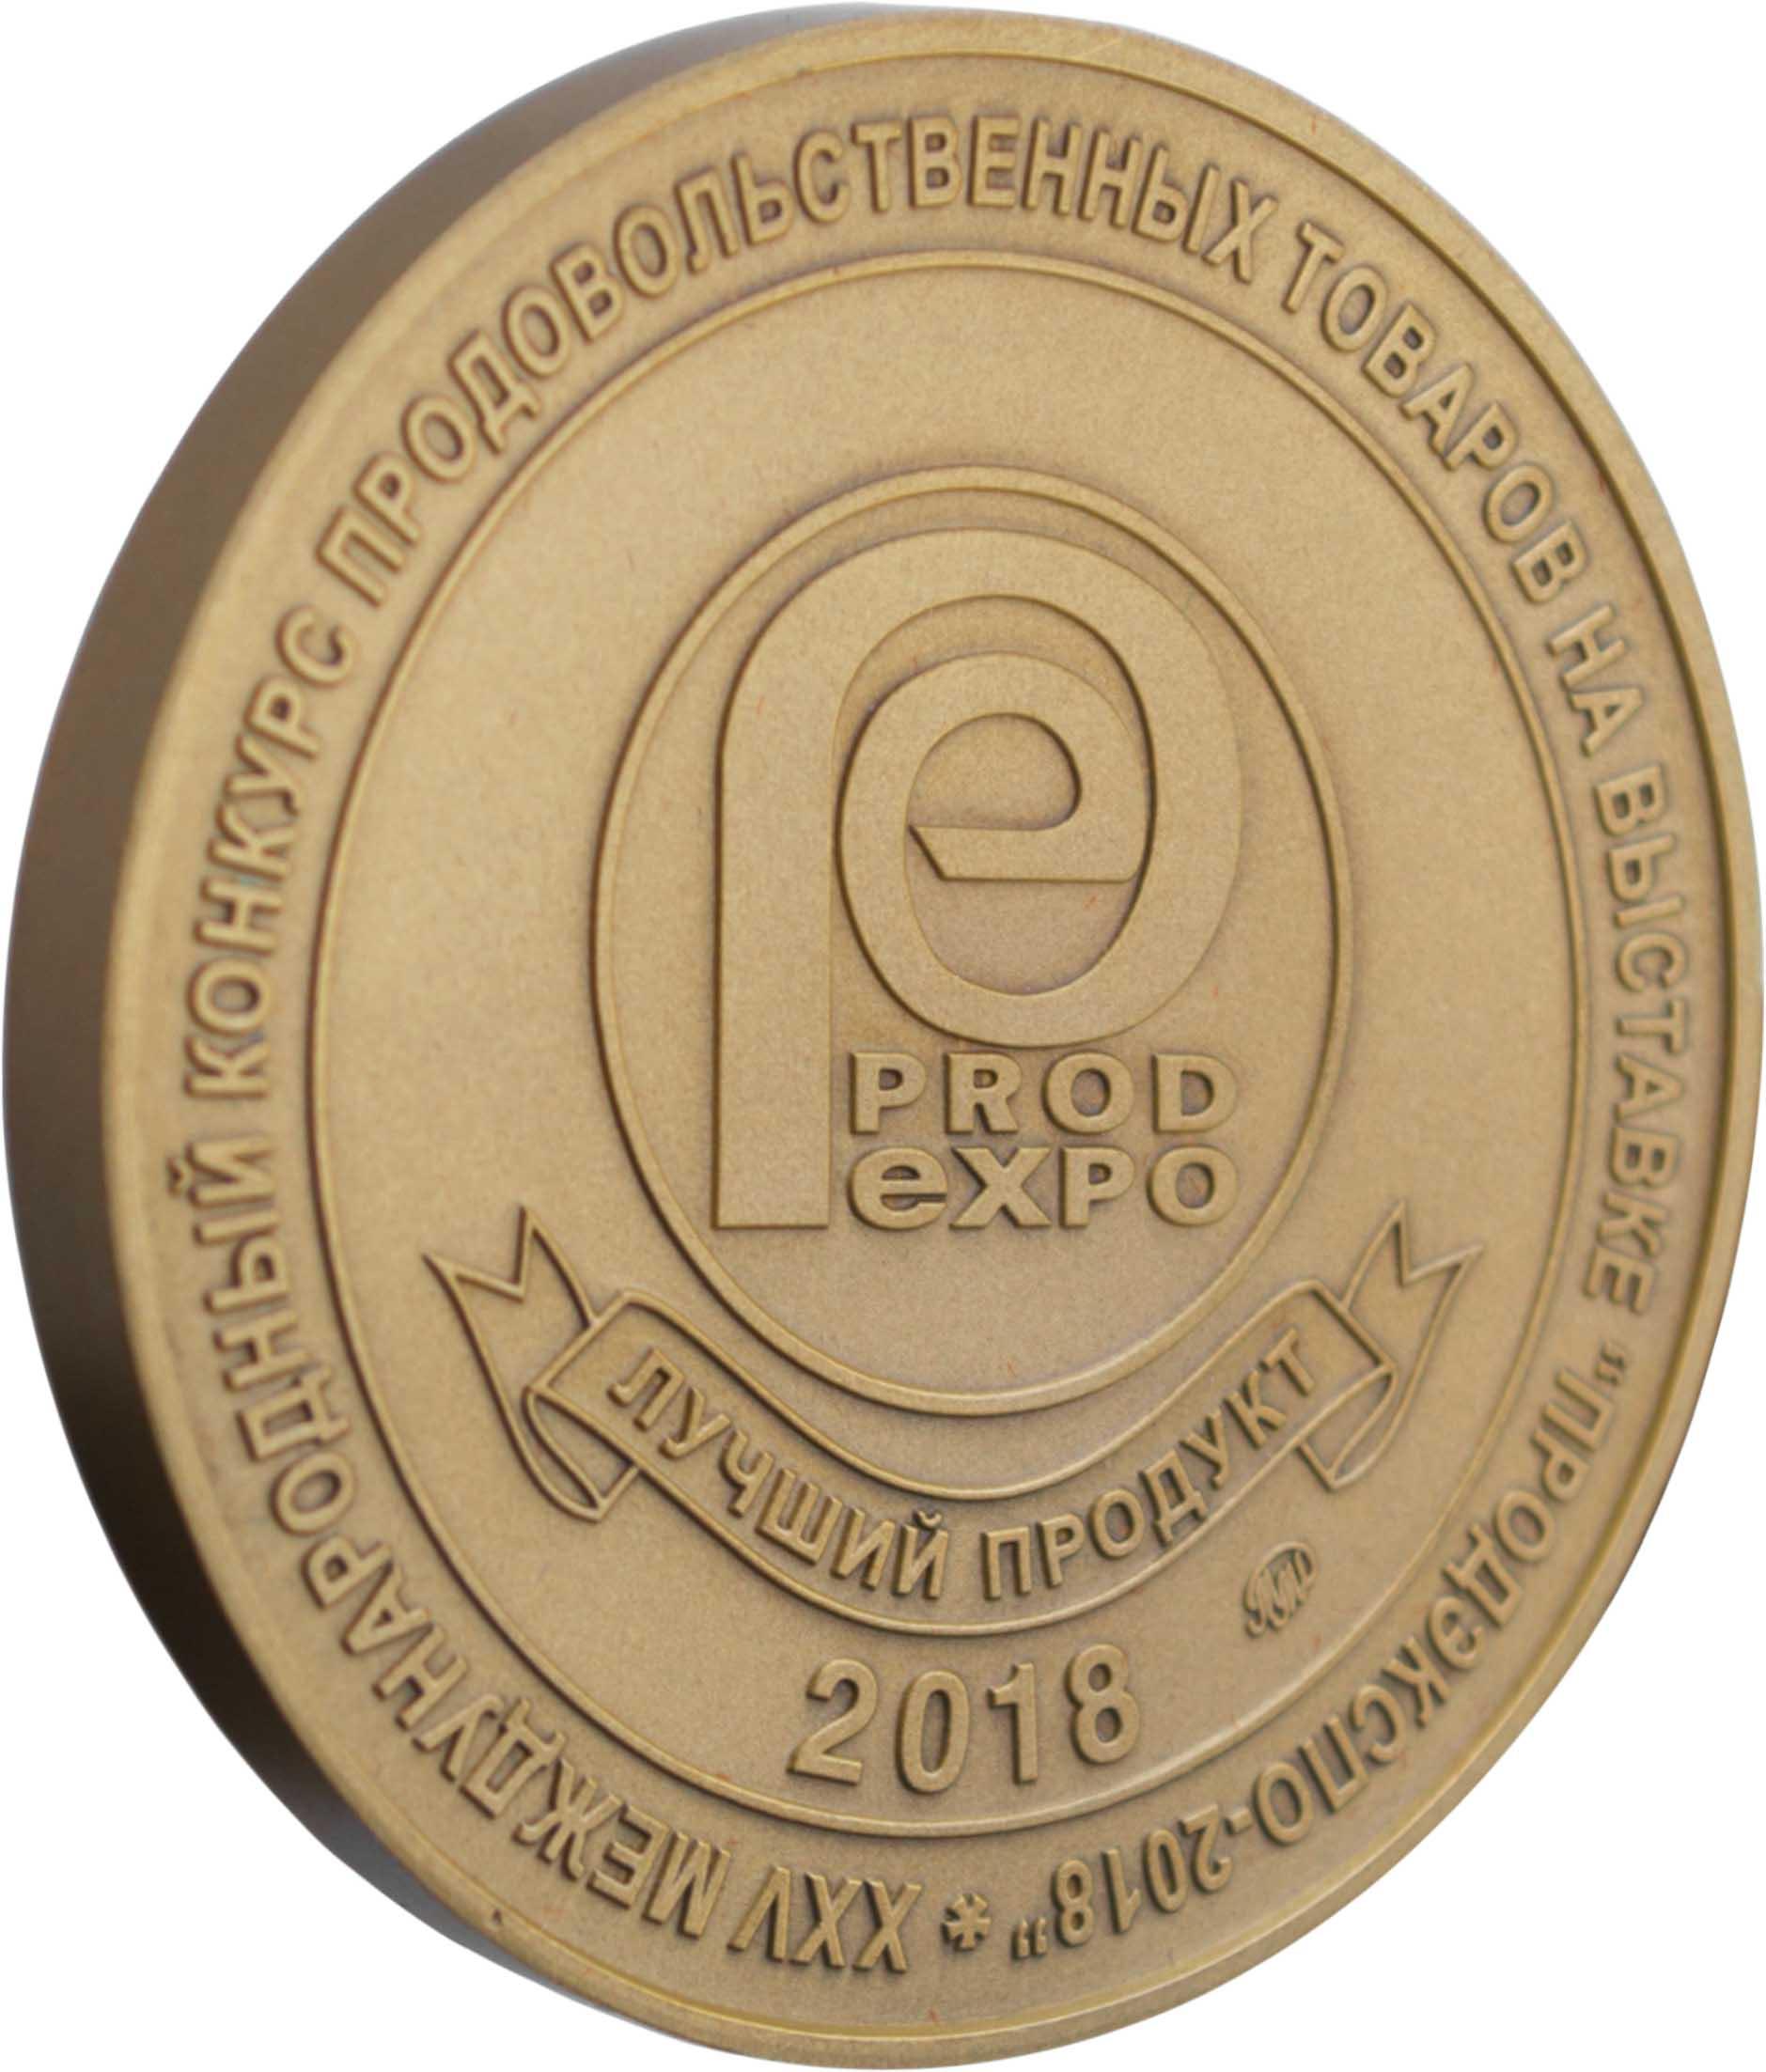 Лучший продукт ПРОД ЭКСПО 2018 - Золотая медаль